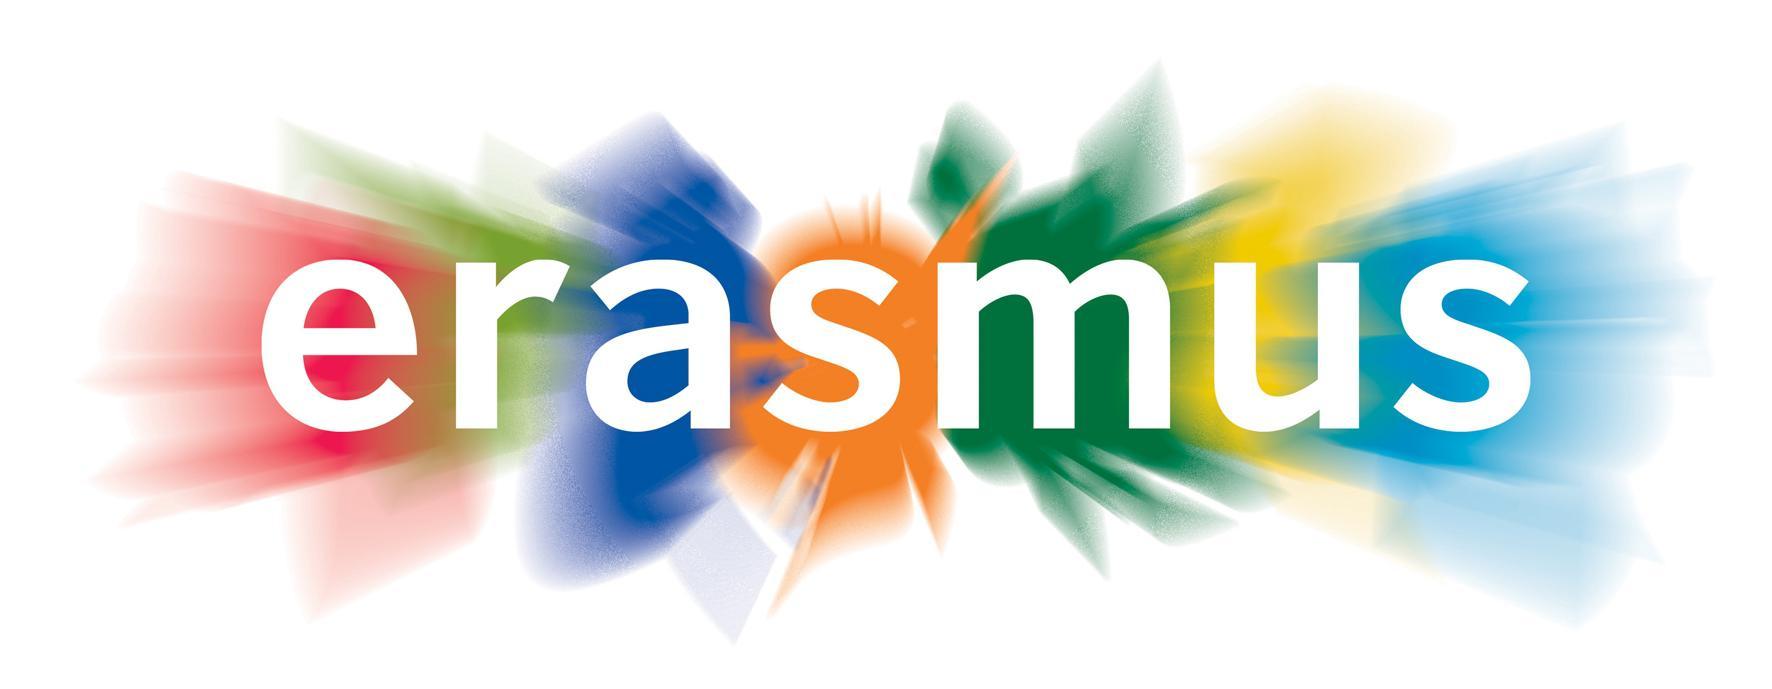 Simplemente, Erasmus